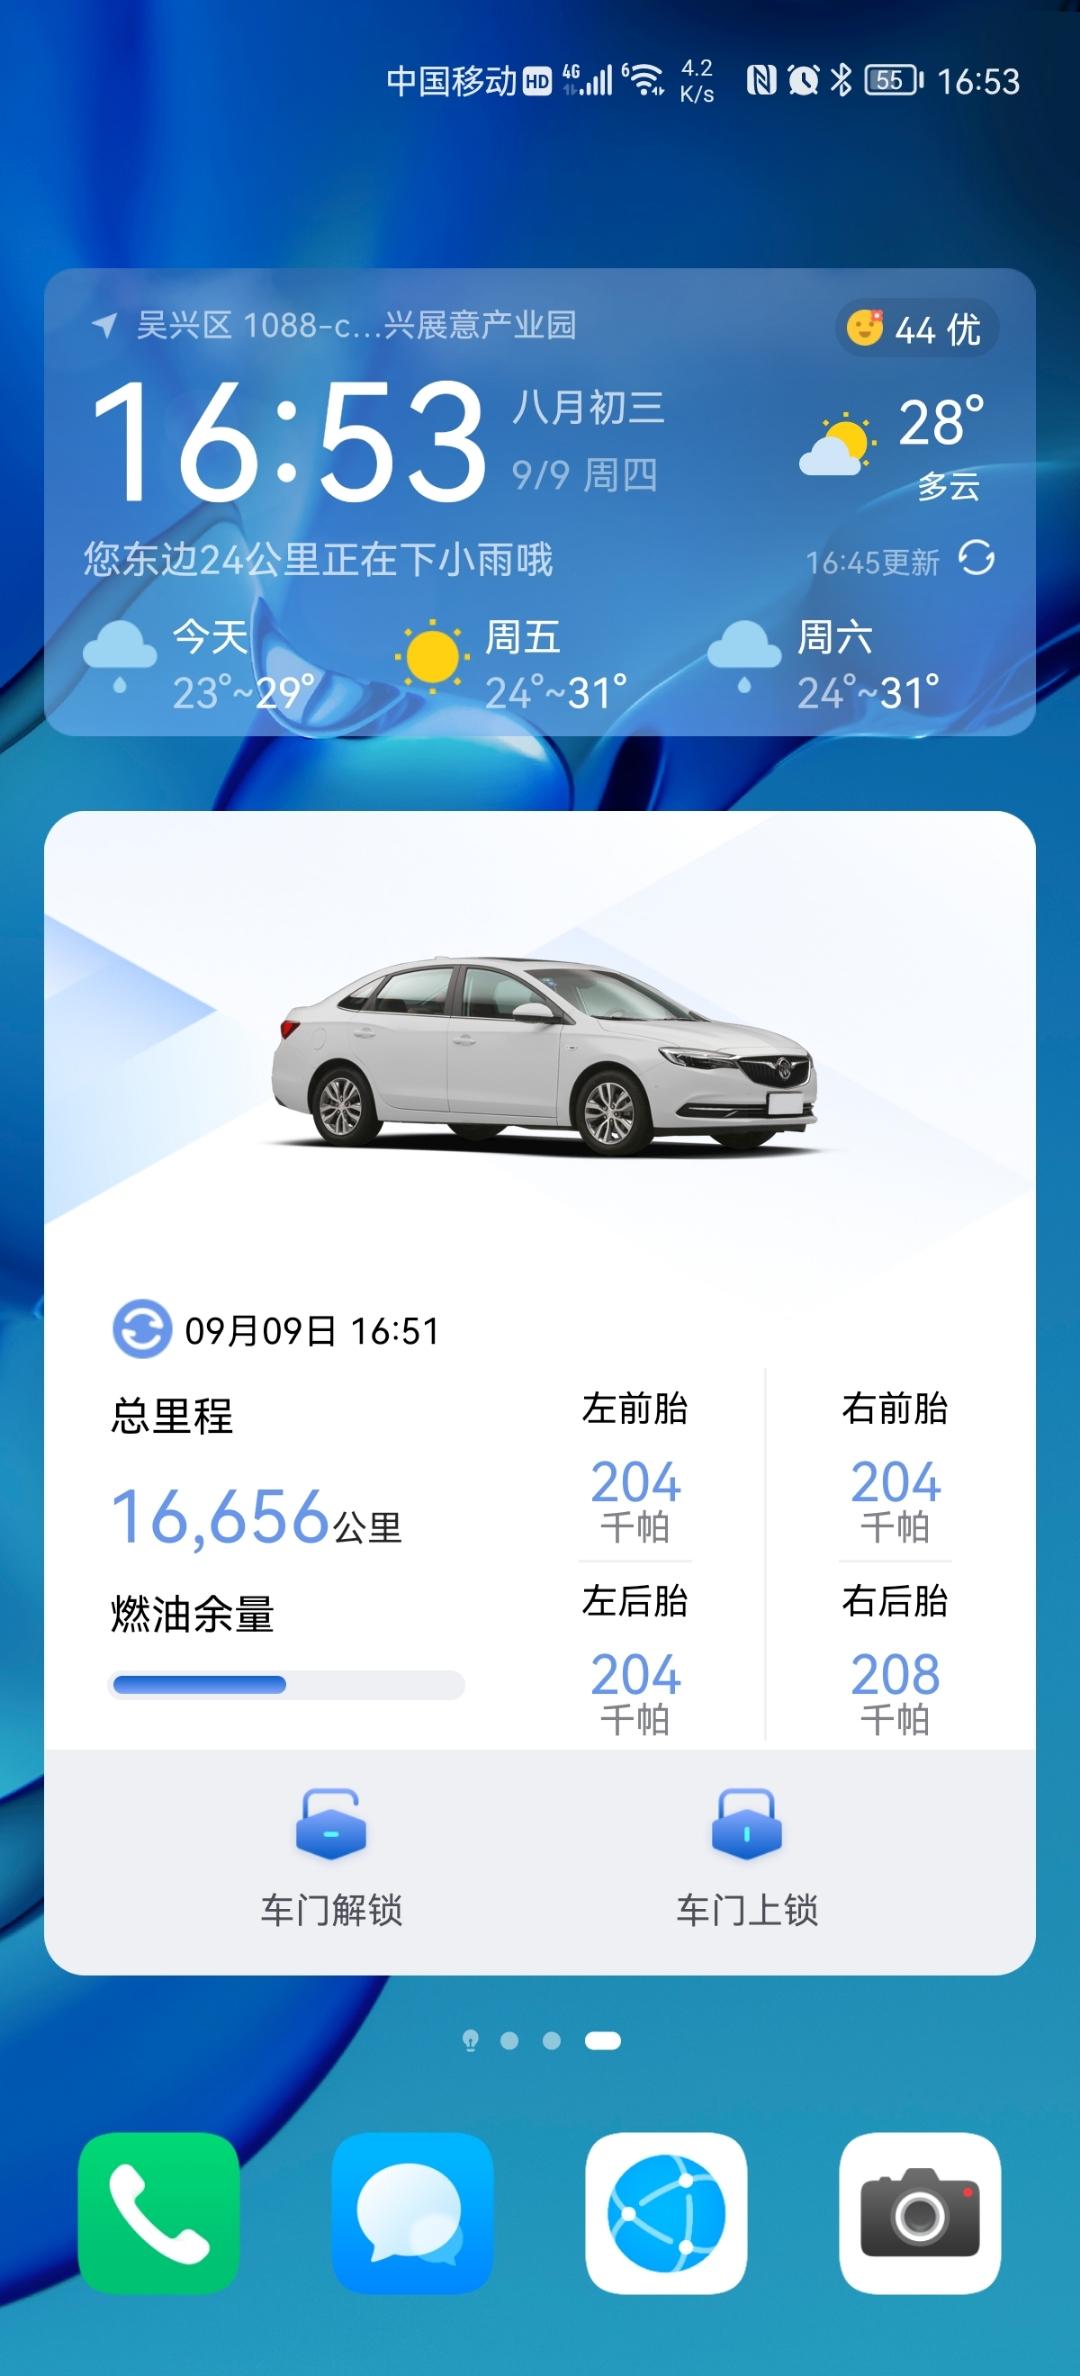 Screenshot_20210909_165324_com.huawei.android.launcher.jpg